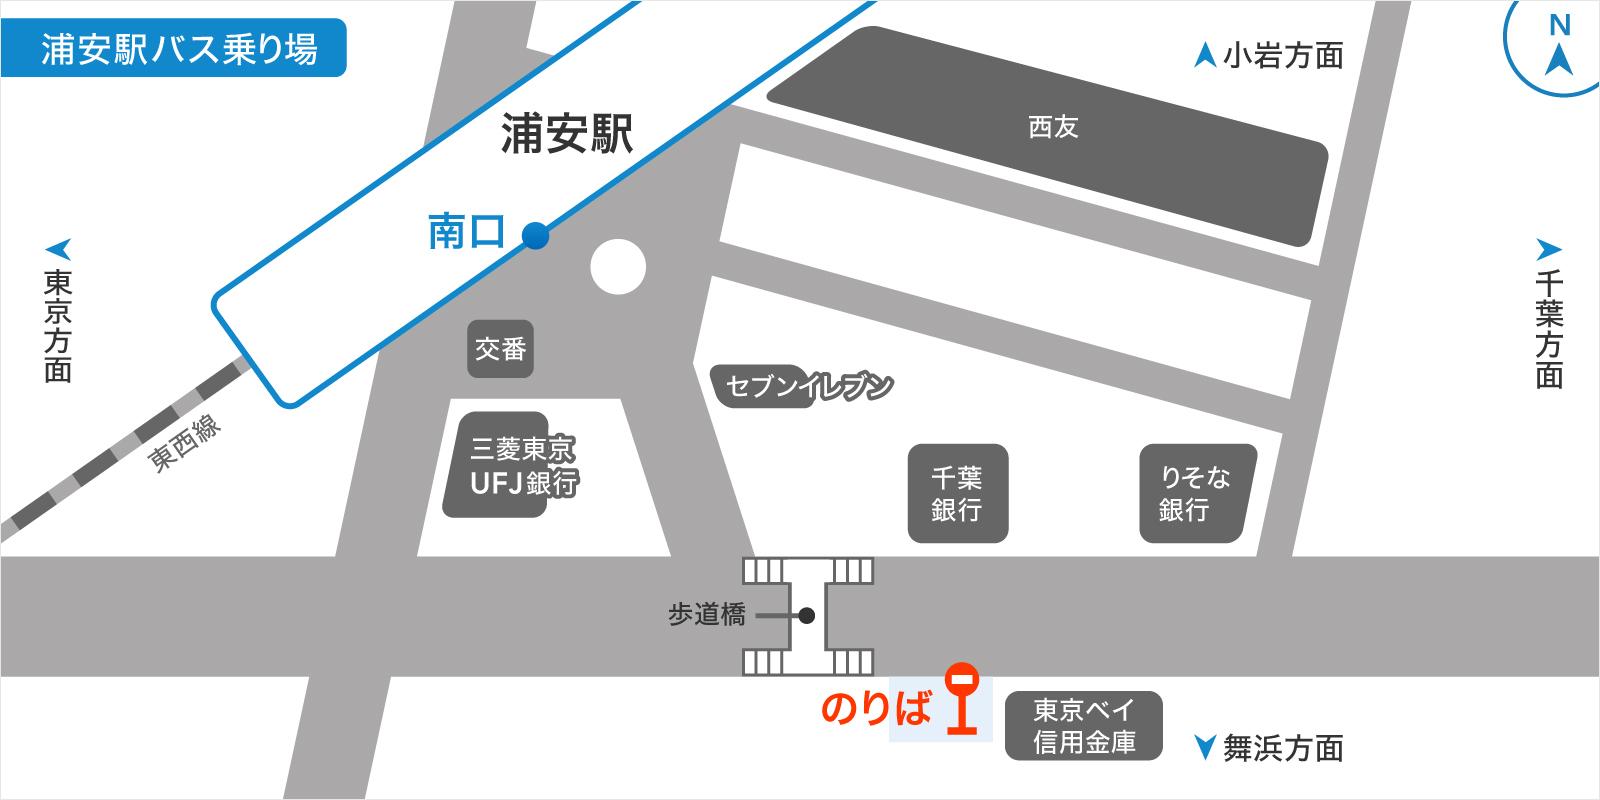 浦安駅バスのりばの地図